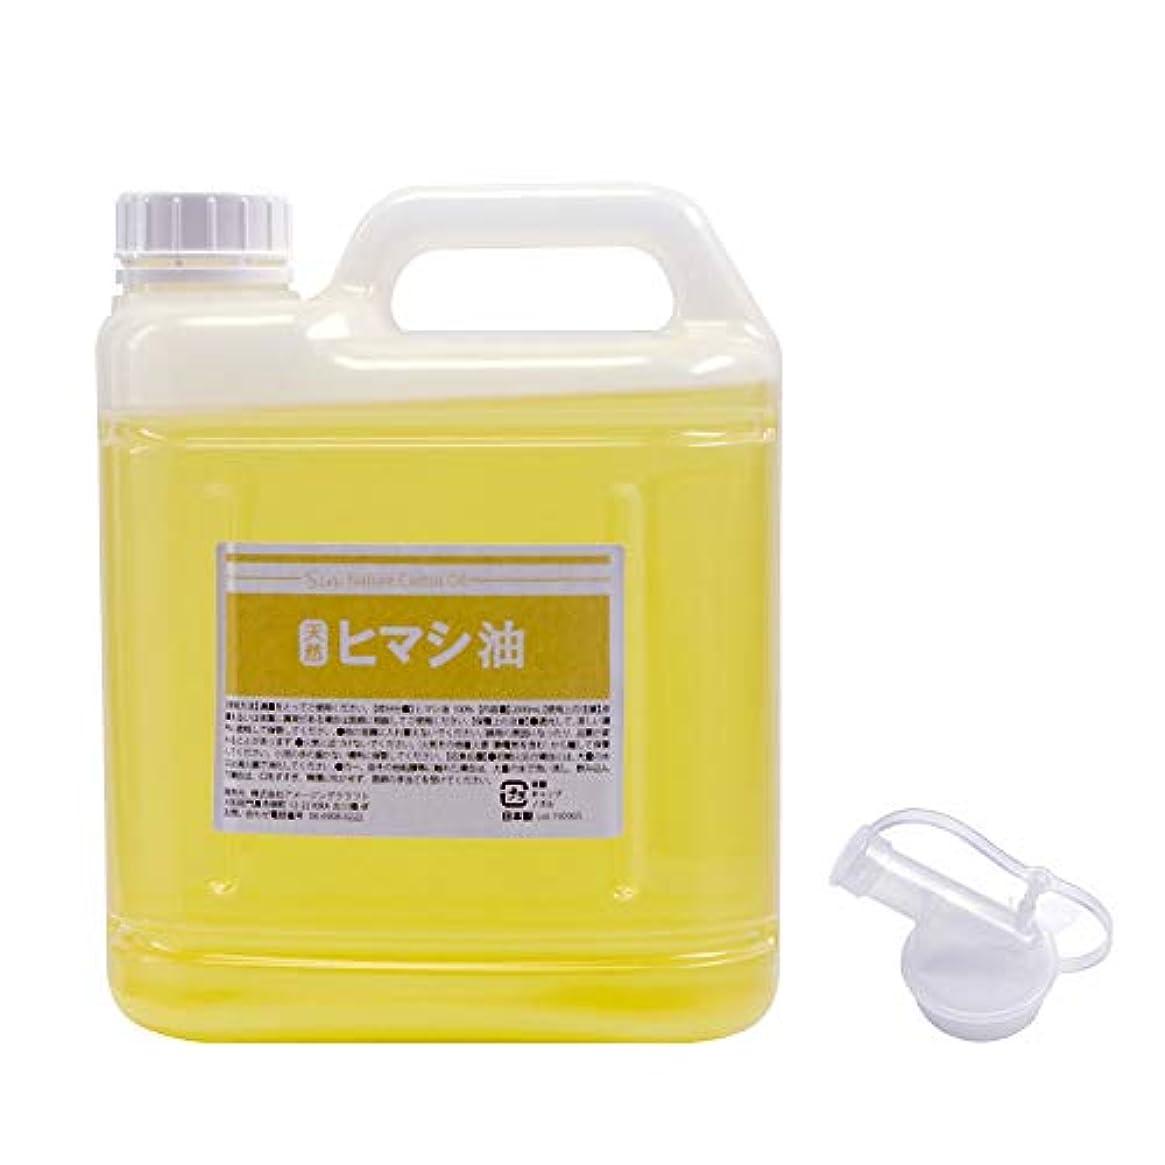 保守的けがをする湿った天然無添加 国内精製ひまし油 (キャスターオイル) 2000ml 2L